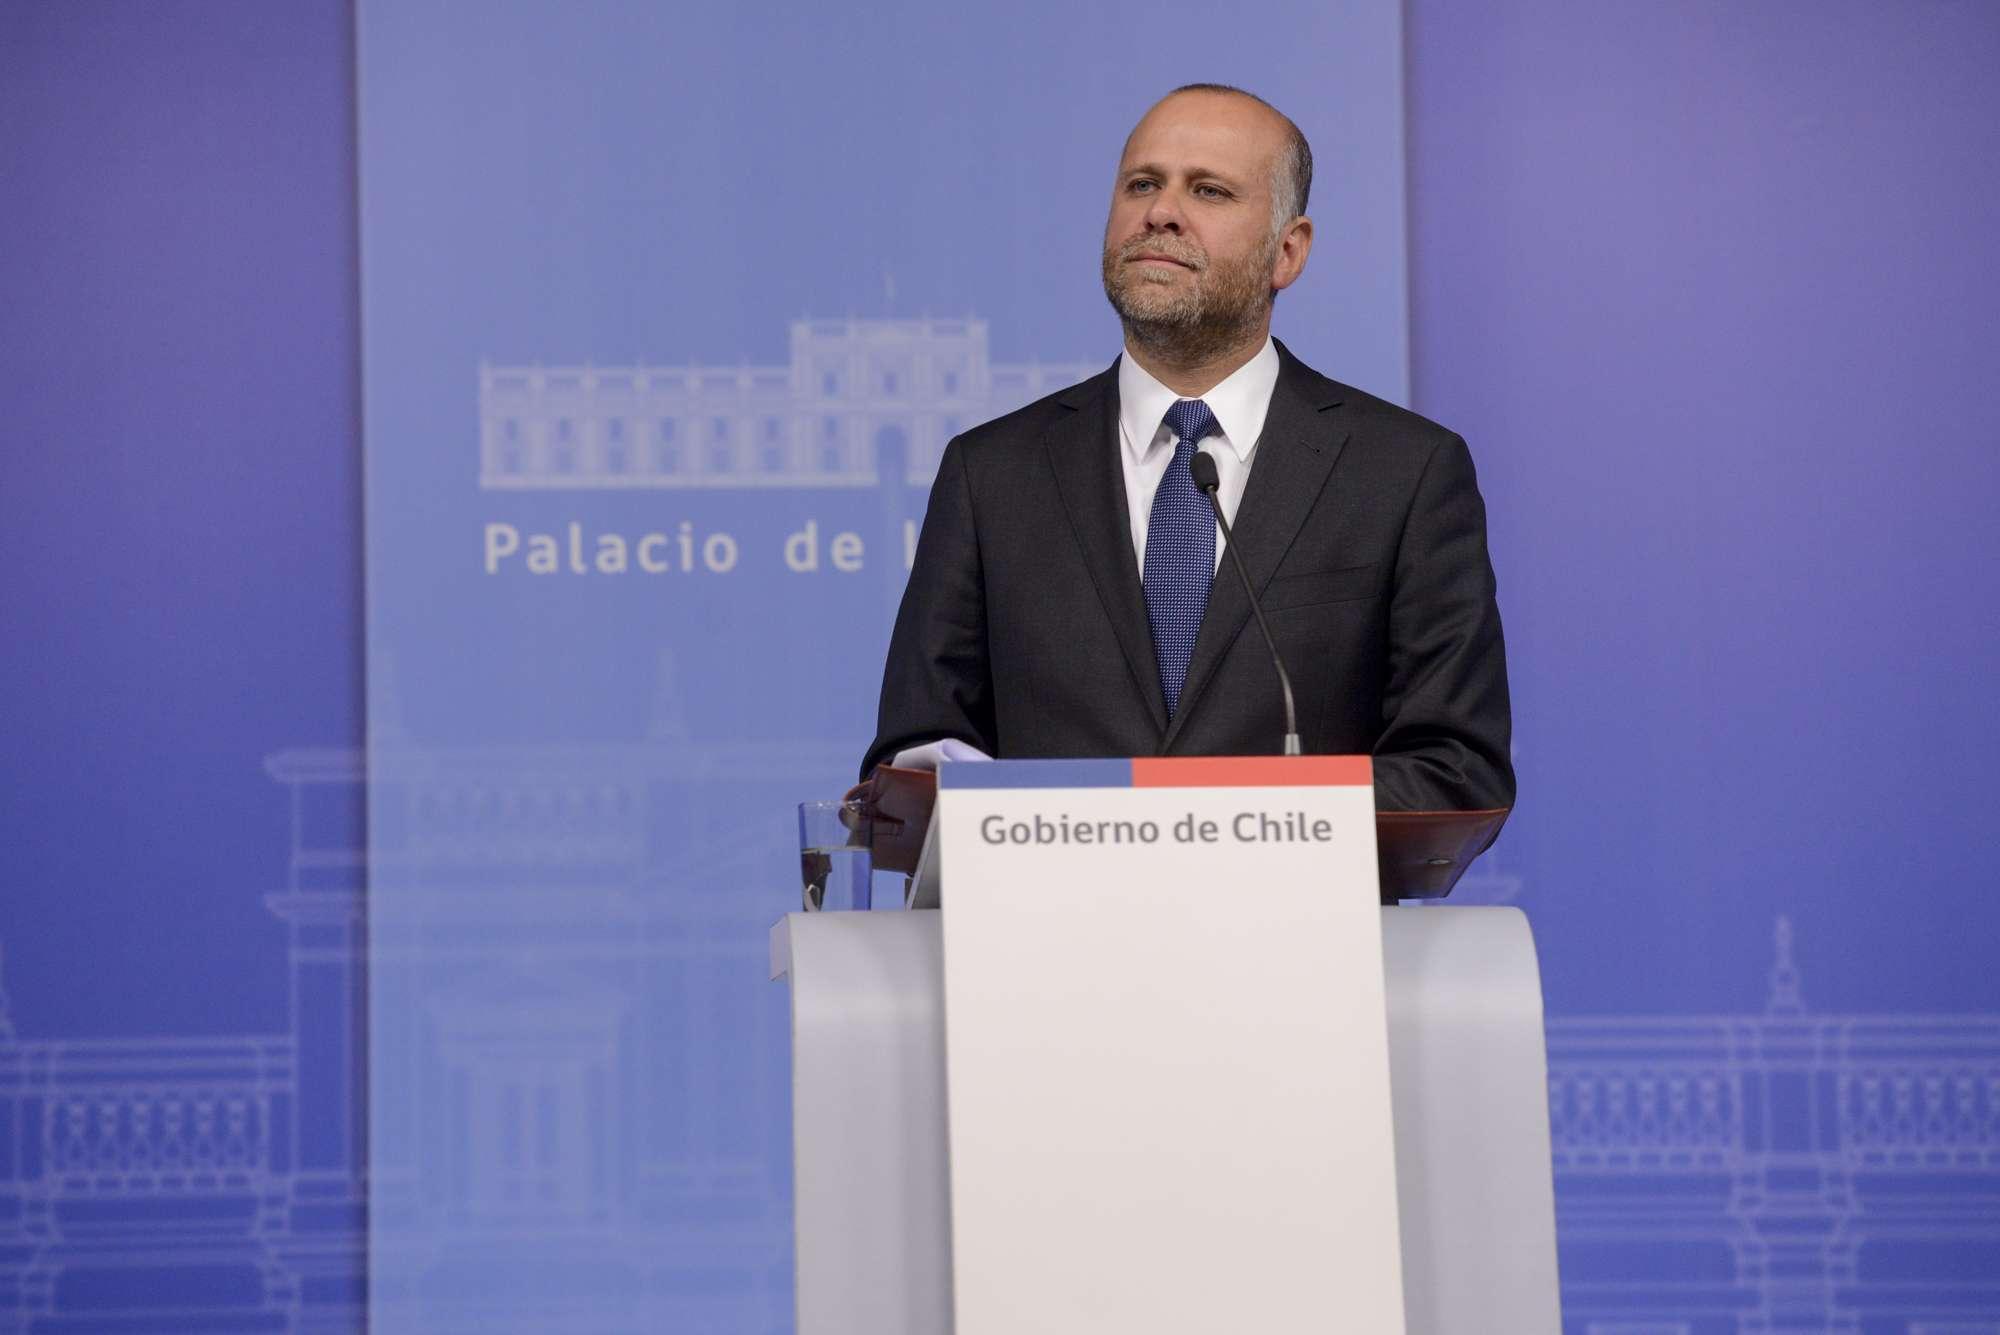 Foto: Ministerio Secretaría General de Gobierno